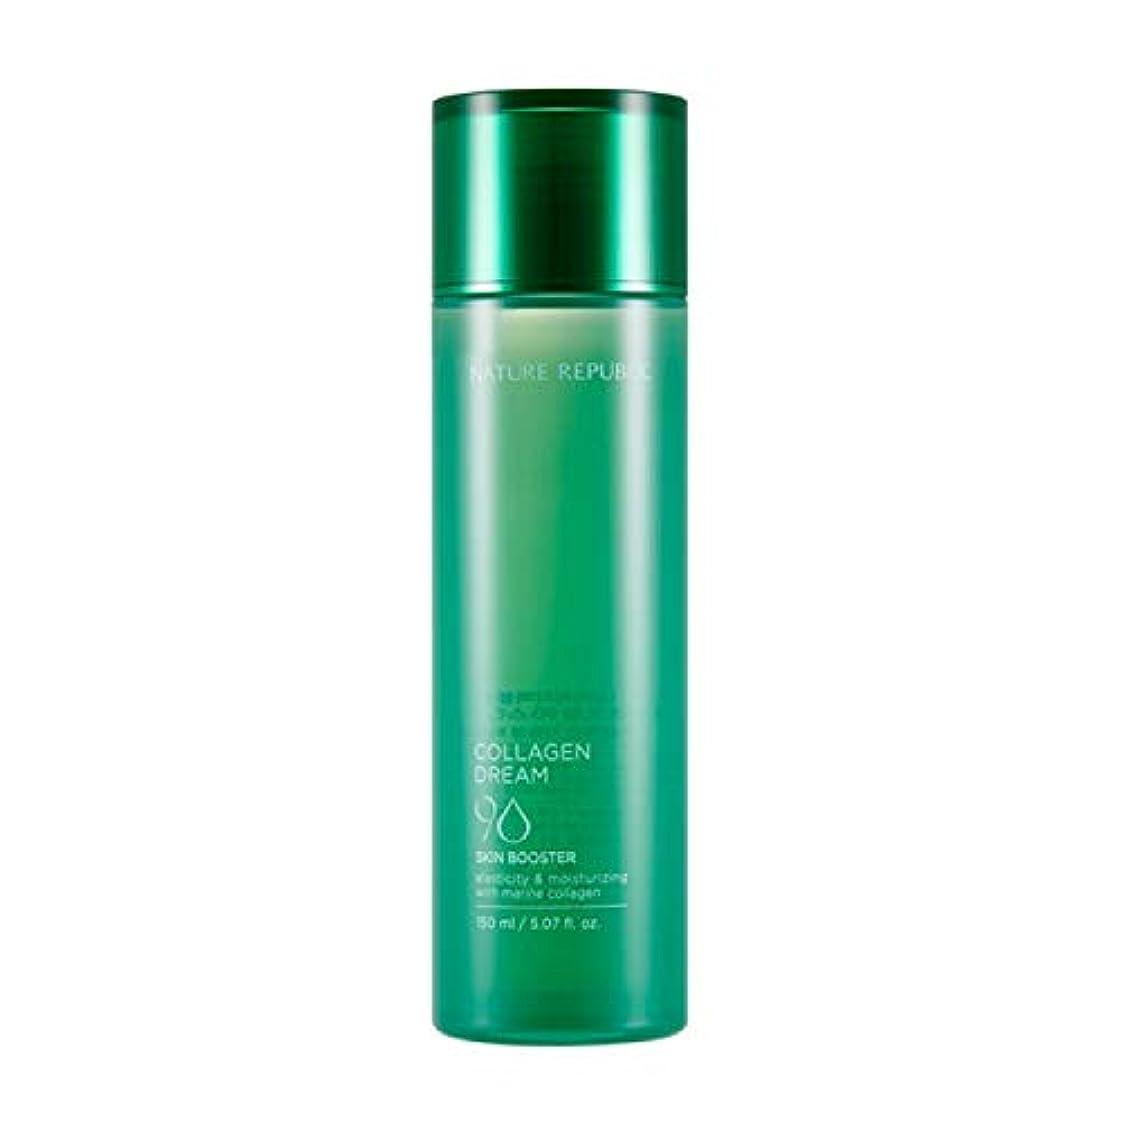 麦芽送る継承ネイチャーリパブリック(Nature Republic)コラーゲンドリーム90スキンブースター / Collagen Dream 90 Skin Booster 150ml :: 韓国コスメ [並行輸入品]